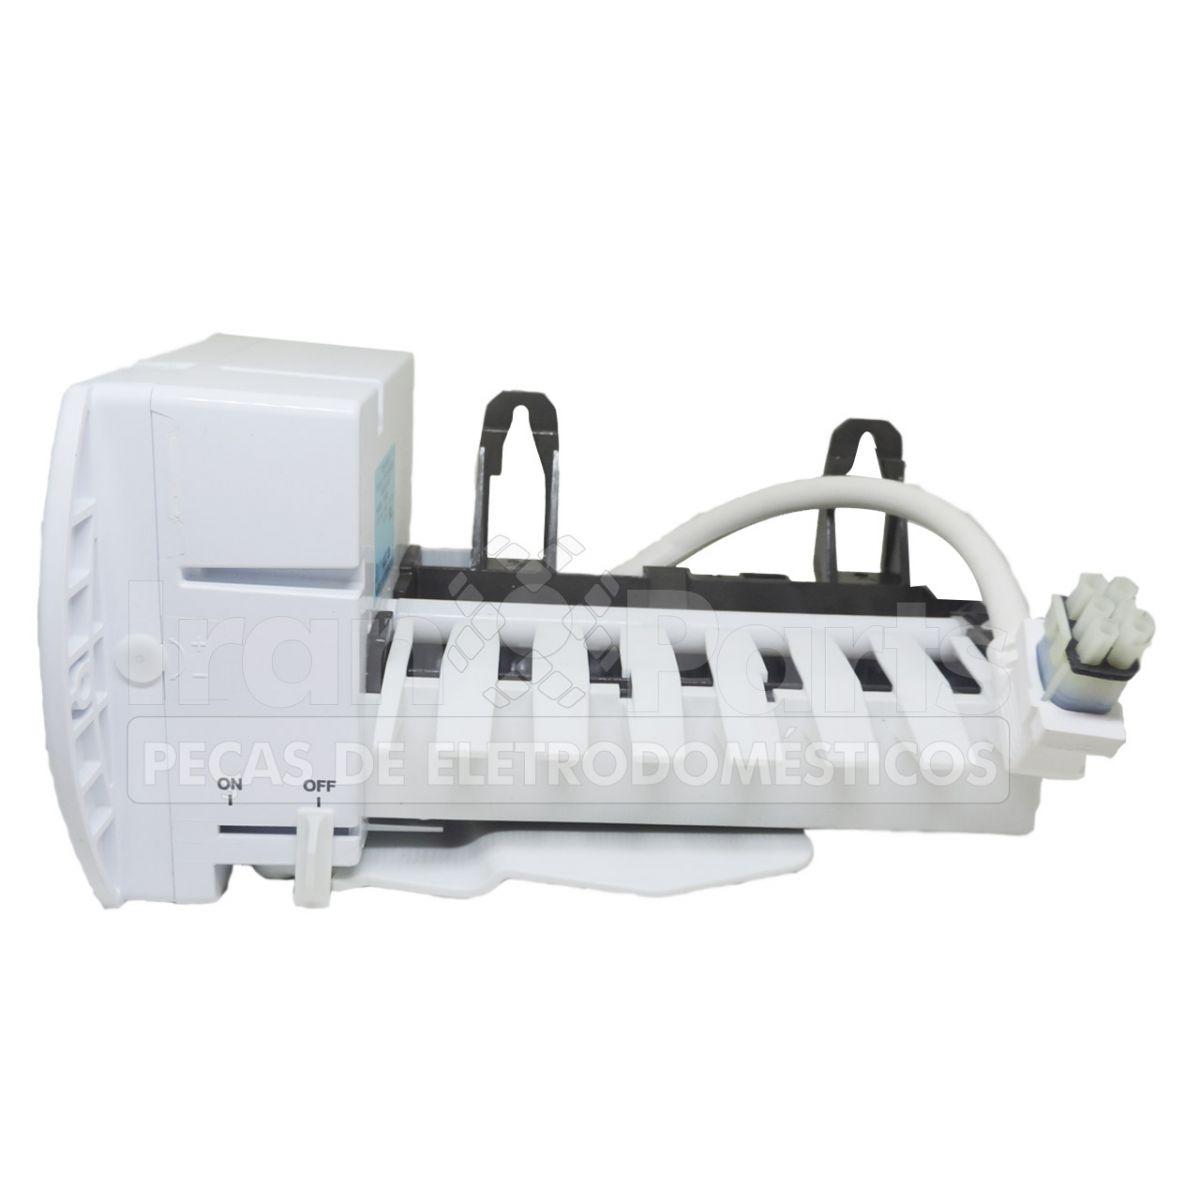 Ice Maker Fabricador De Gelo Side By Side Wiwr197D7636G002